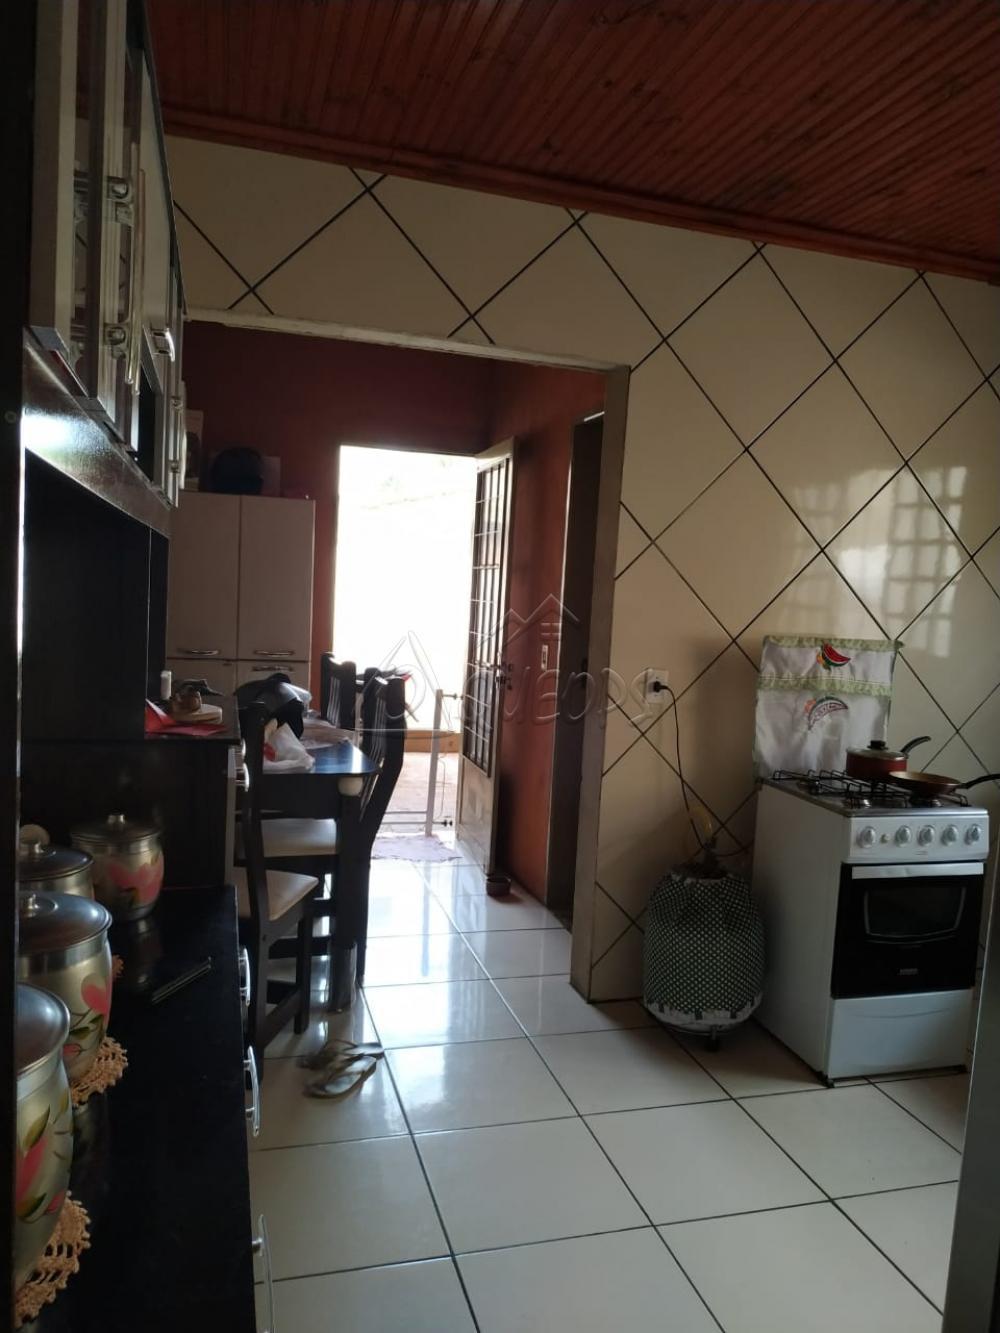 Comprar Casa / Padrão em Barretos apenas R$ 180.000,00 - Foto 11